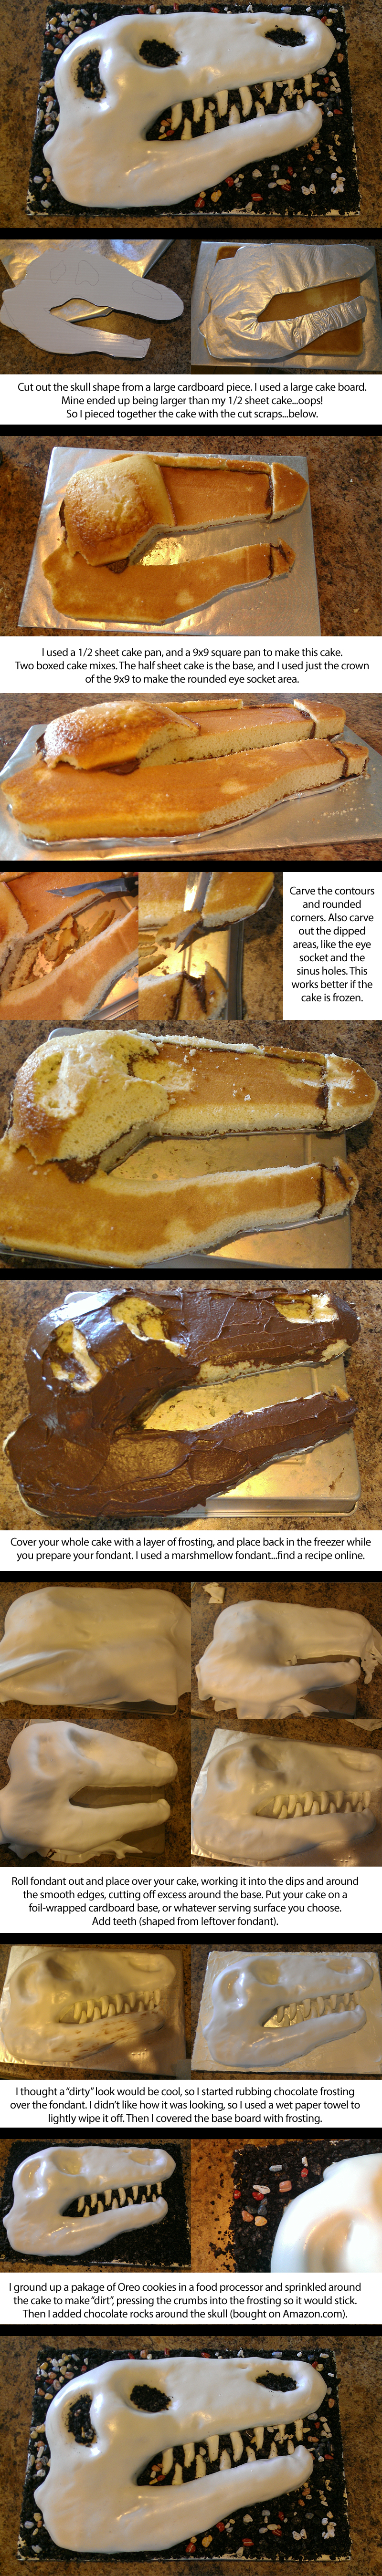 dinosaur birthday cake, Tyrannosaurus rex cake